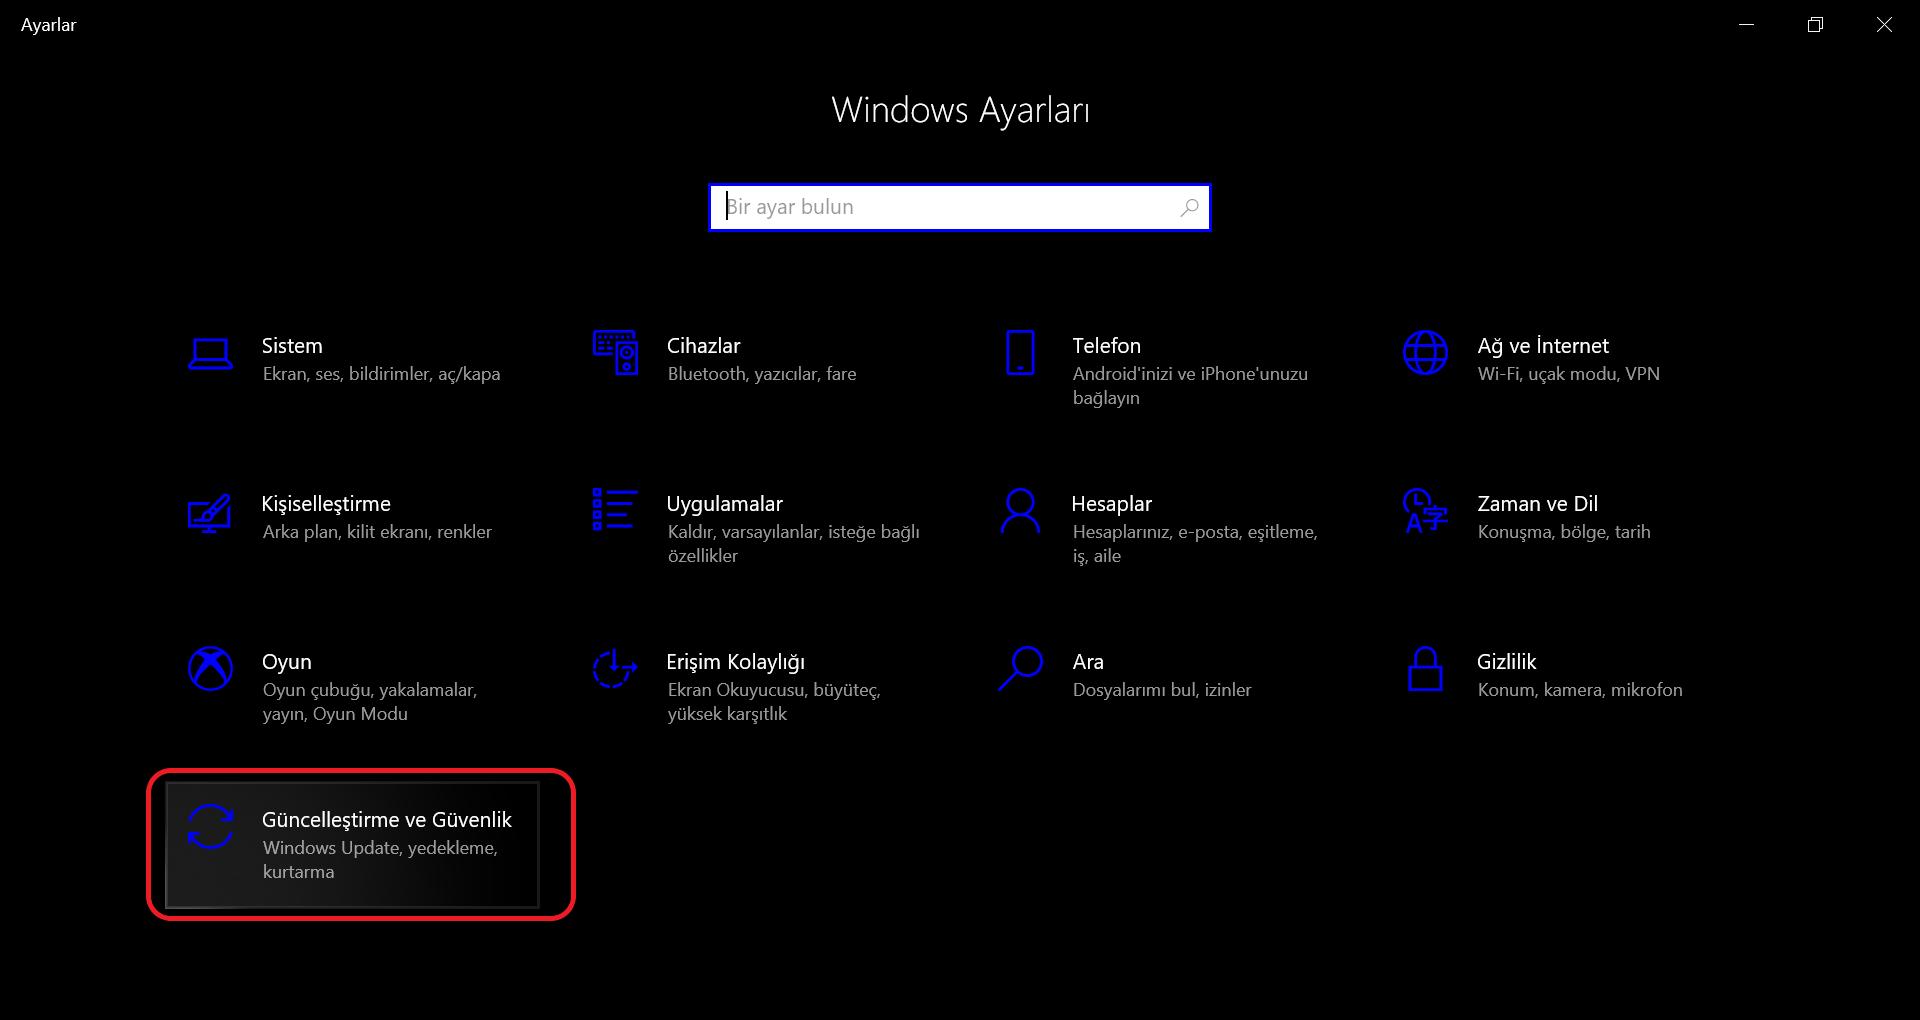 Ayarlar penceresinden Güncelleştirme ve Güvenlik sekmesine tıklama ekran görüntüsü